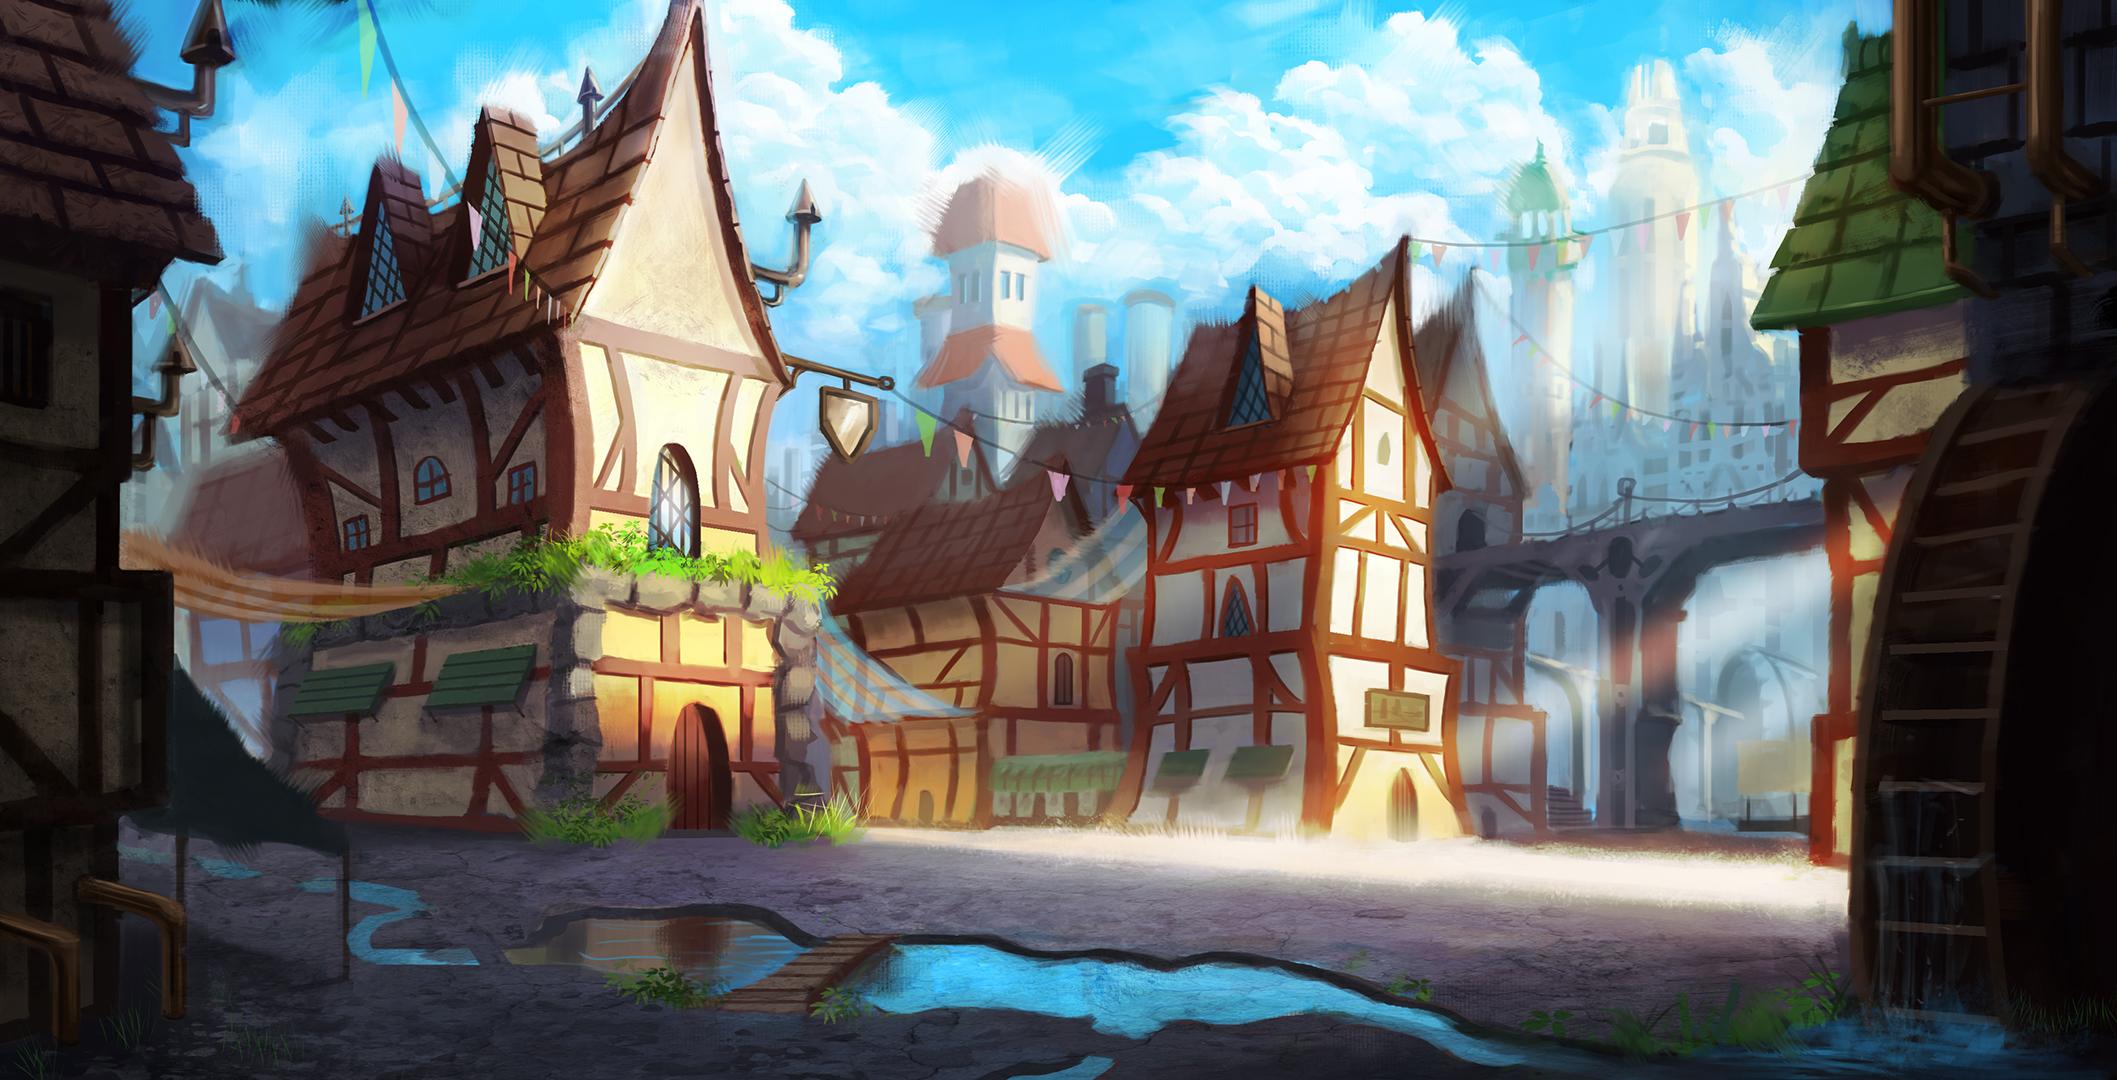 village_by_tommyscottart-d4aqahs.jpg